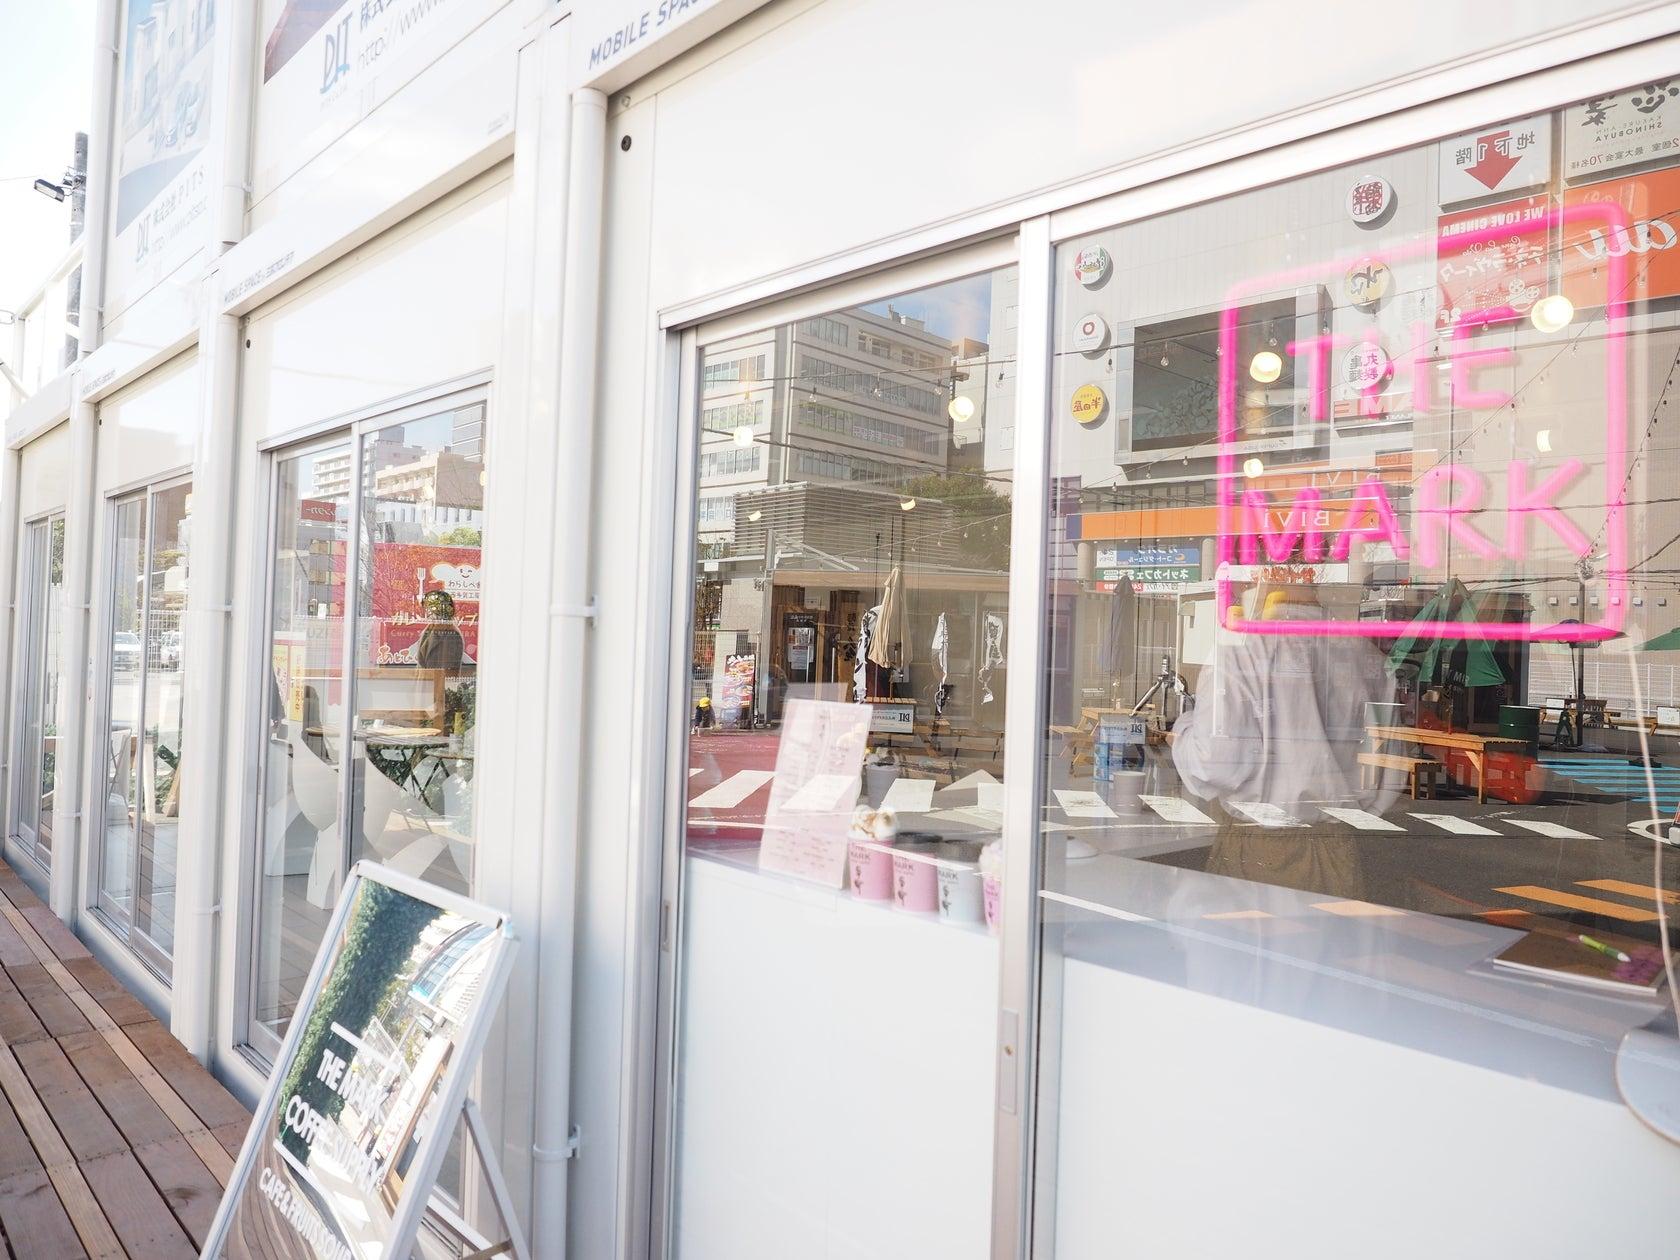 貸切の場合は、窓側の販売口でのみドリンク販売を行います。